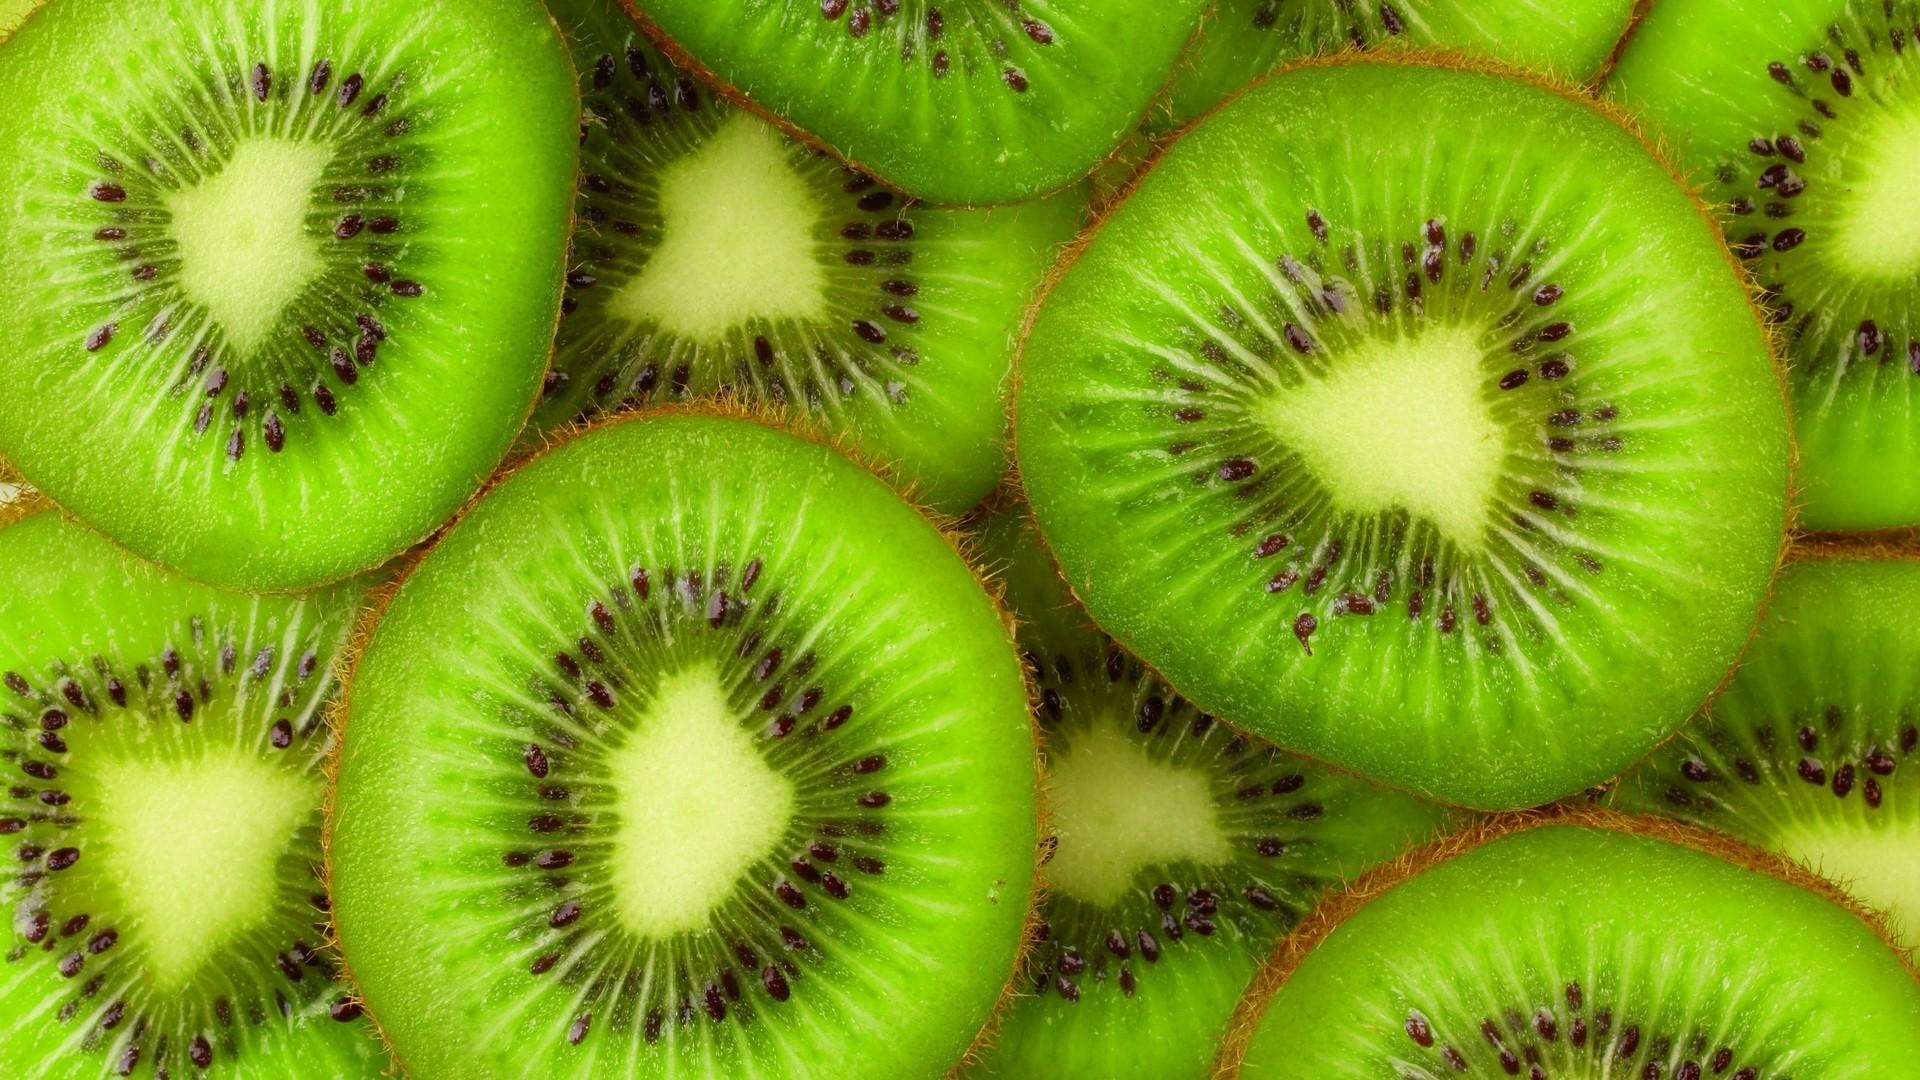 Fruit Full HD Wallpaper